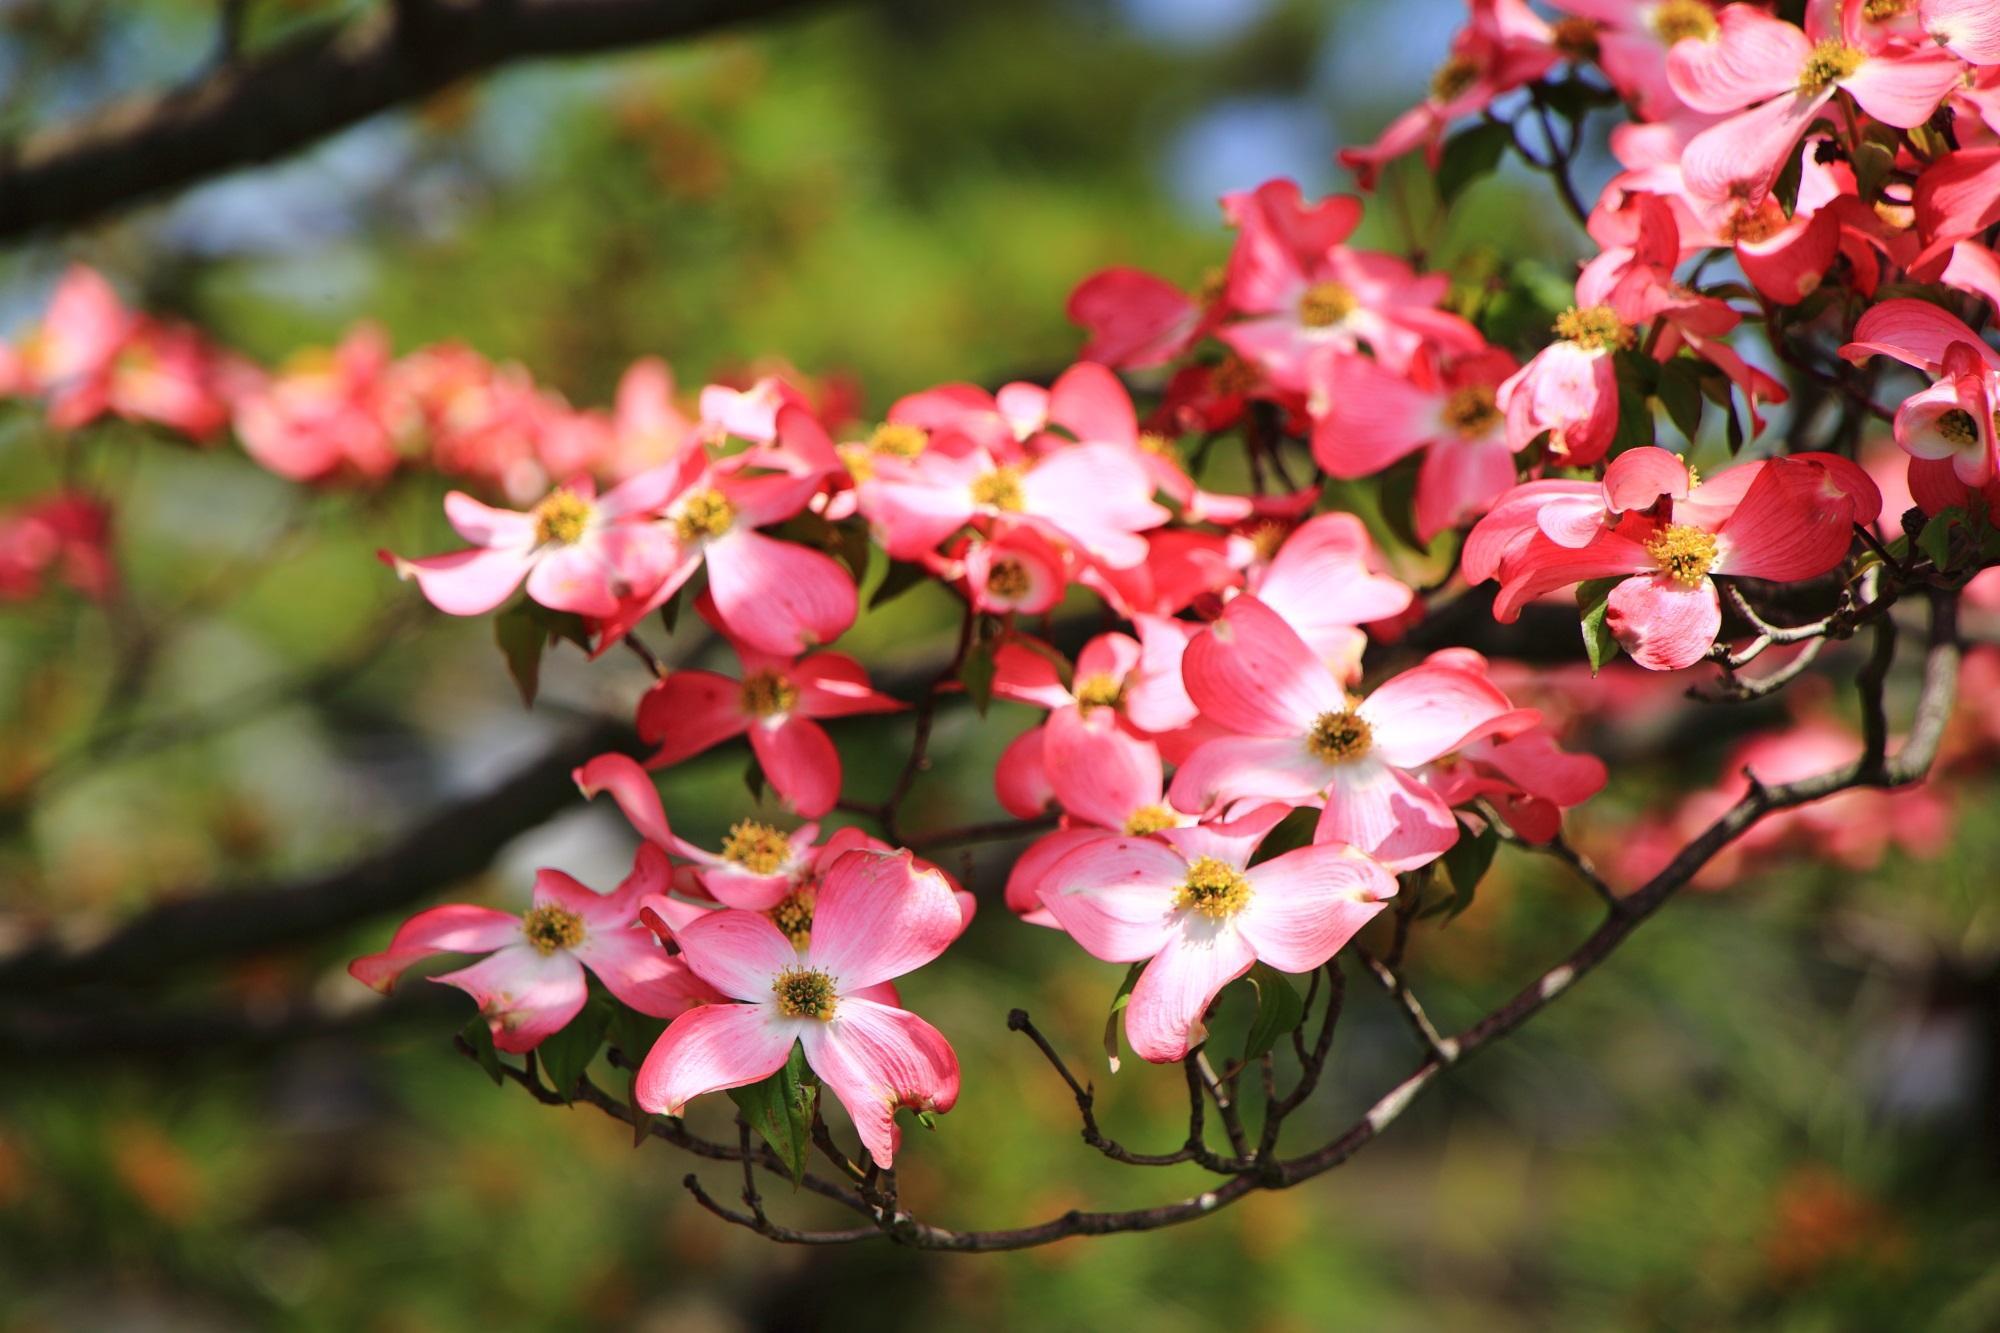 太陽を浴びて煌くピンクと白のハナミズキの春の彩り